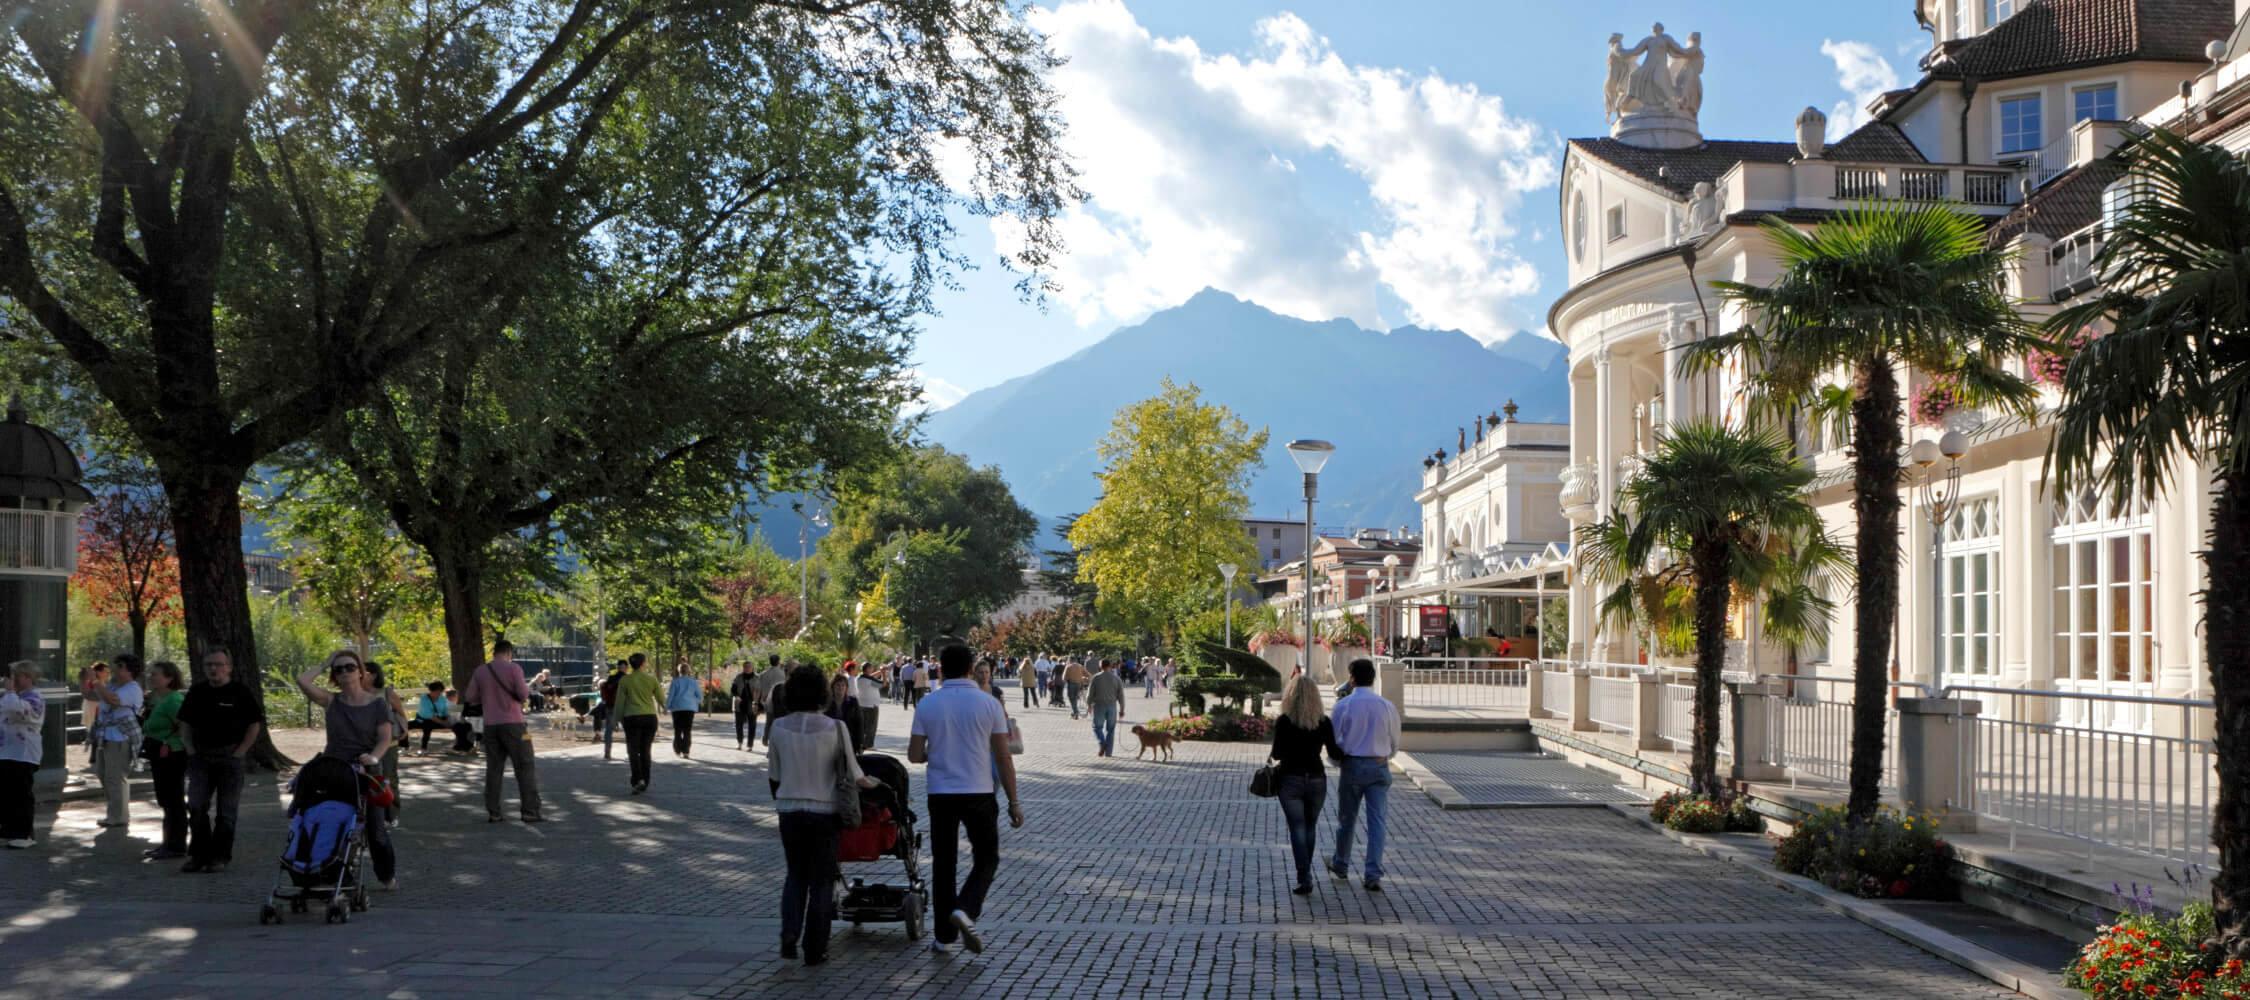 Italien-Trentino_Suedtirol_Alto_Adige_Merano_Meran_Natur_Sommer_Promenade_Kurhaus_Spazieren_Menschen_MGM-Frieder-Blickle_mgm01220mgm_2250x1000